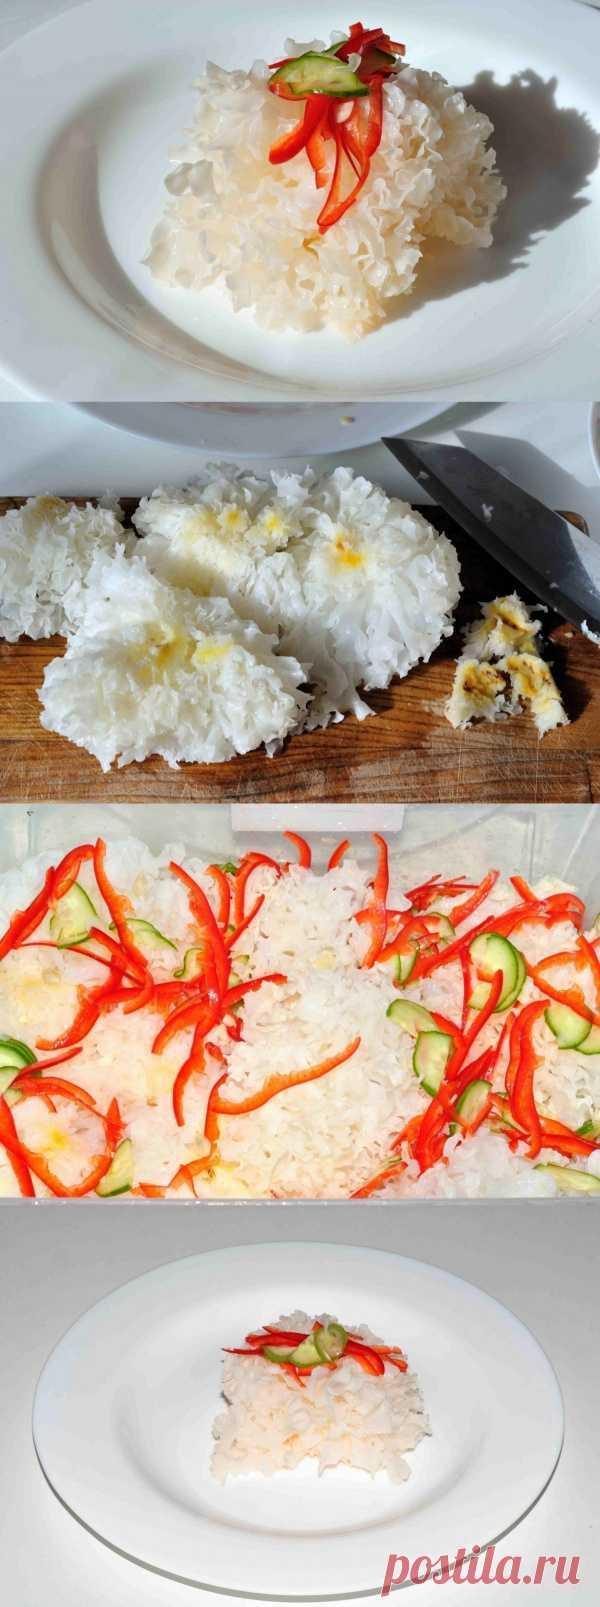 Ледяной гриб - отличная закуска ;)